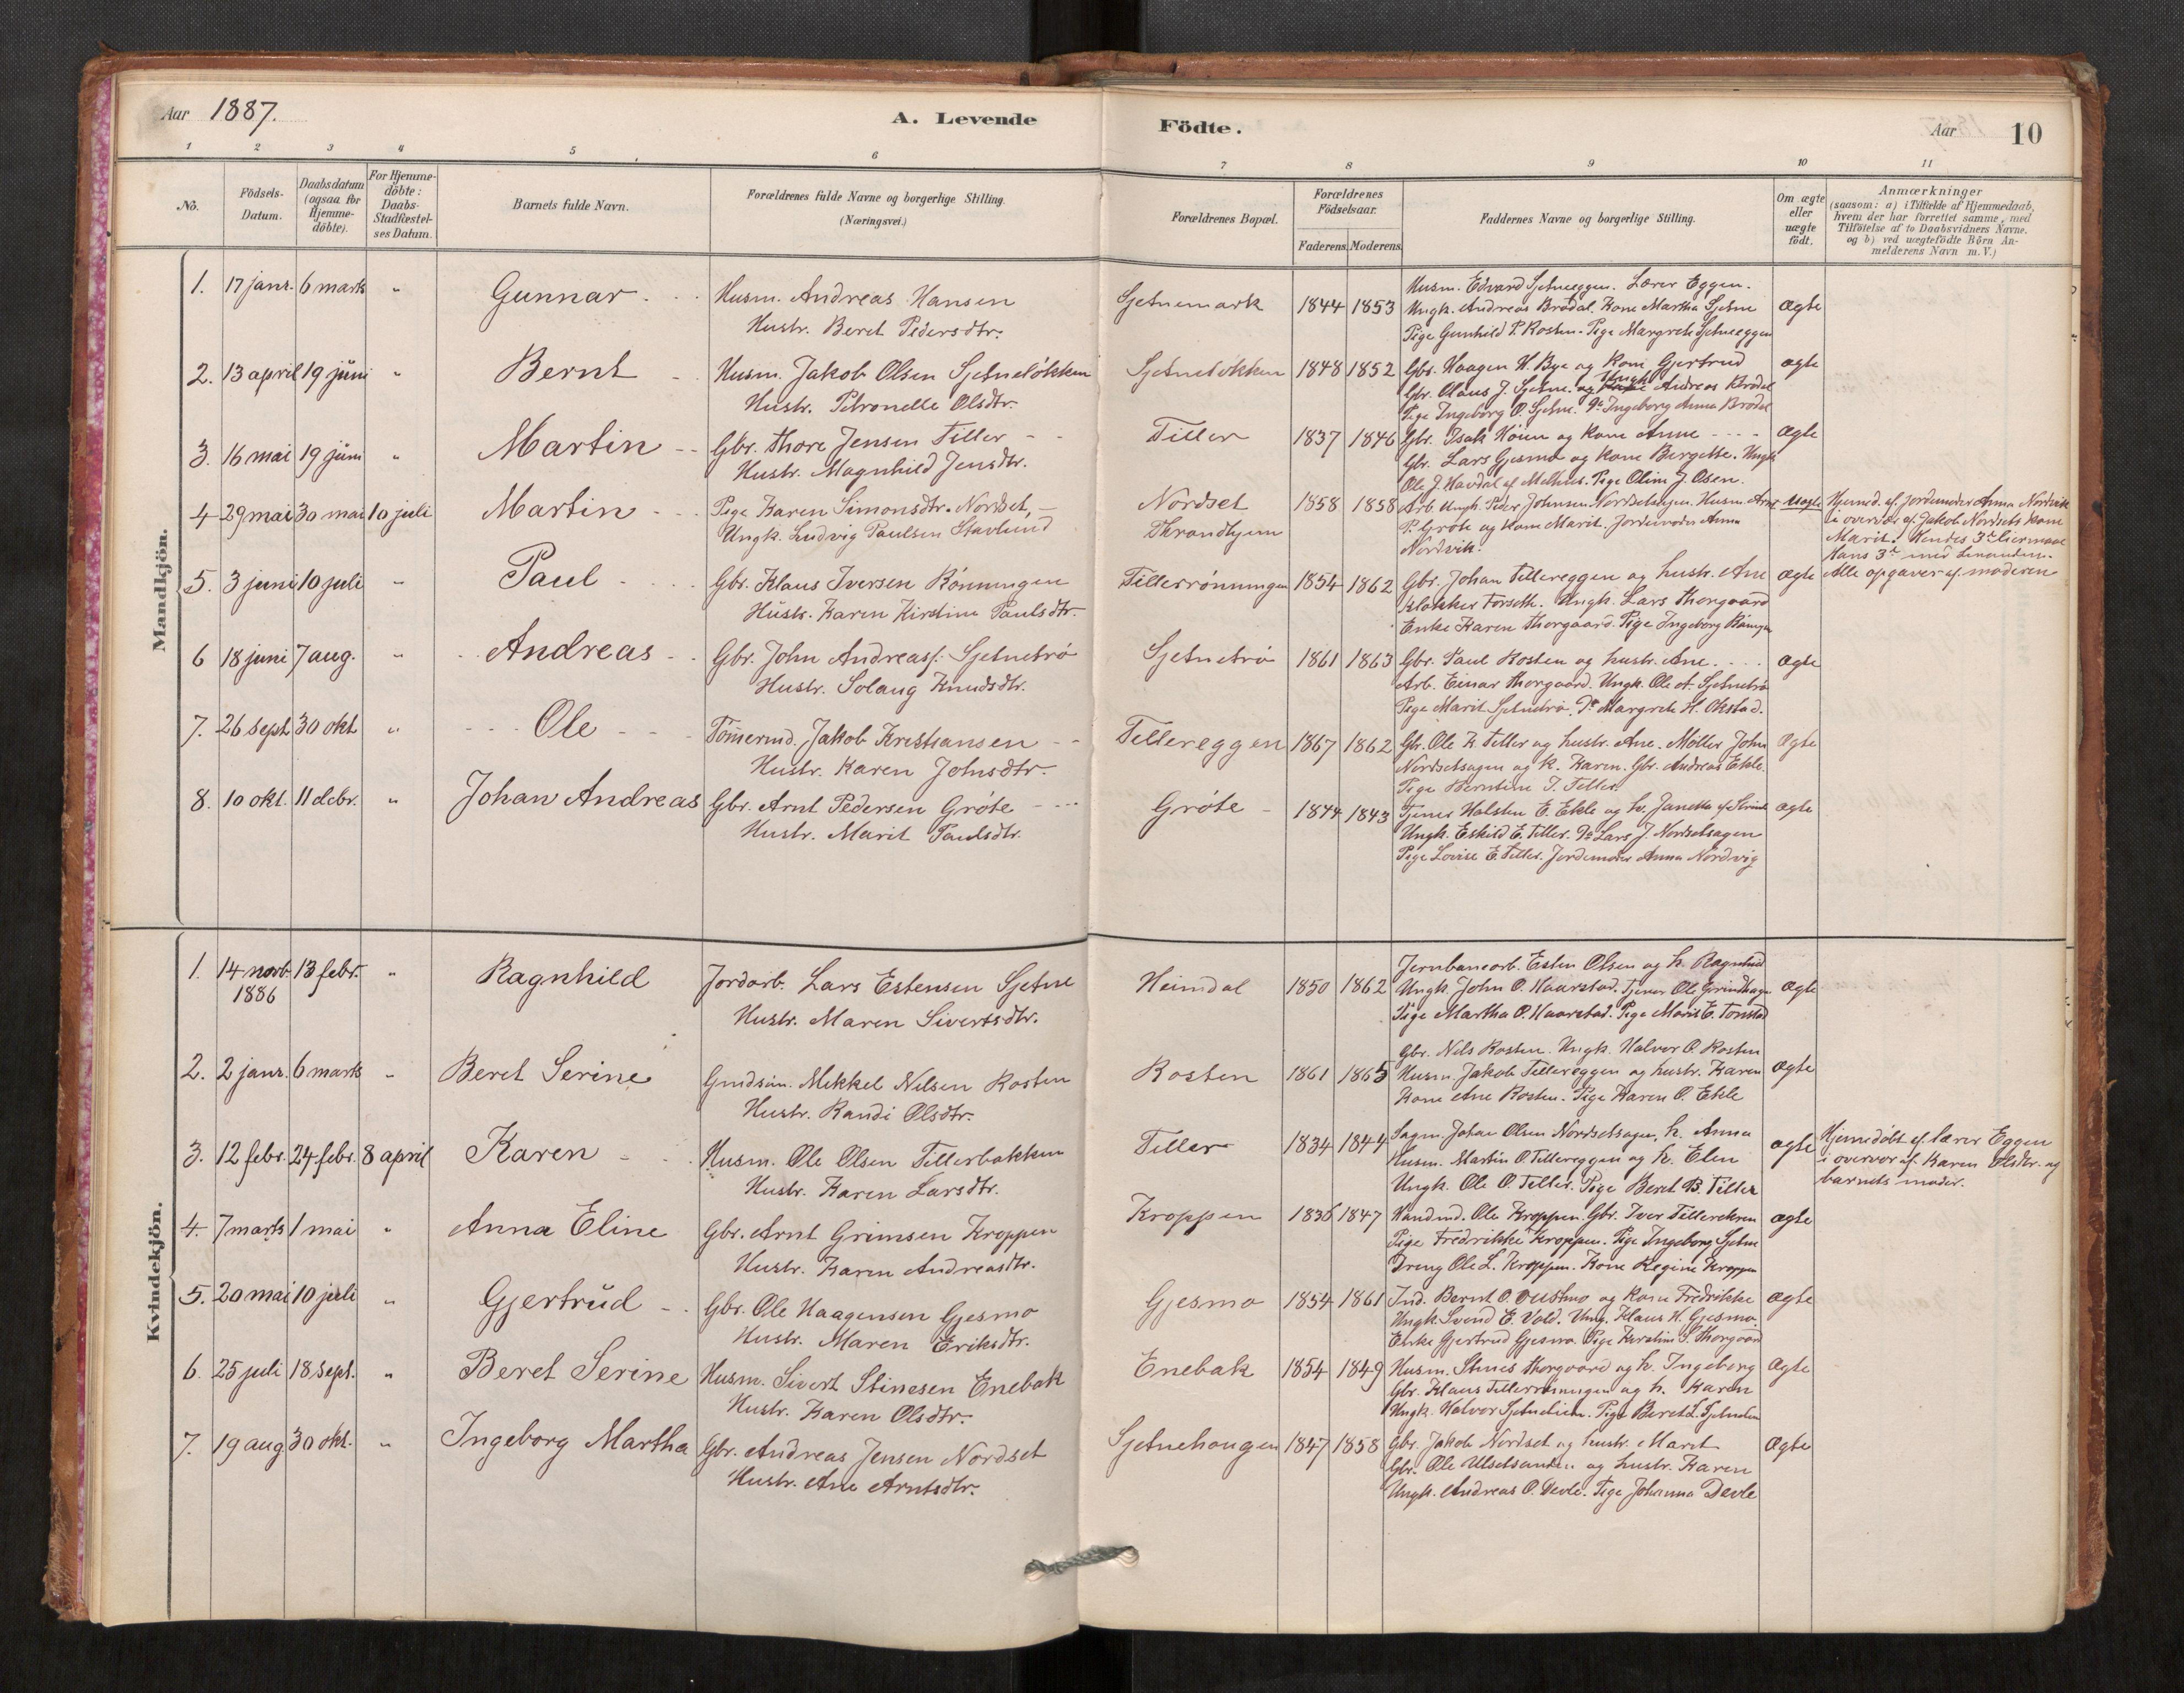 SAT, Klæbu sokneprestkontor, Parish register (official) no. 1, 1880-1900, p. 10